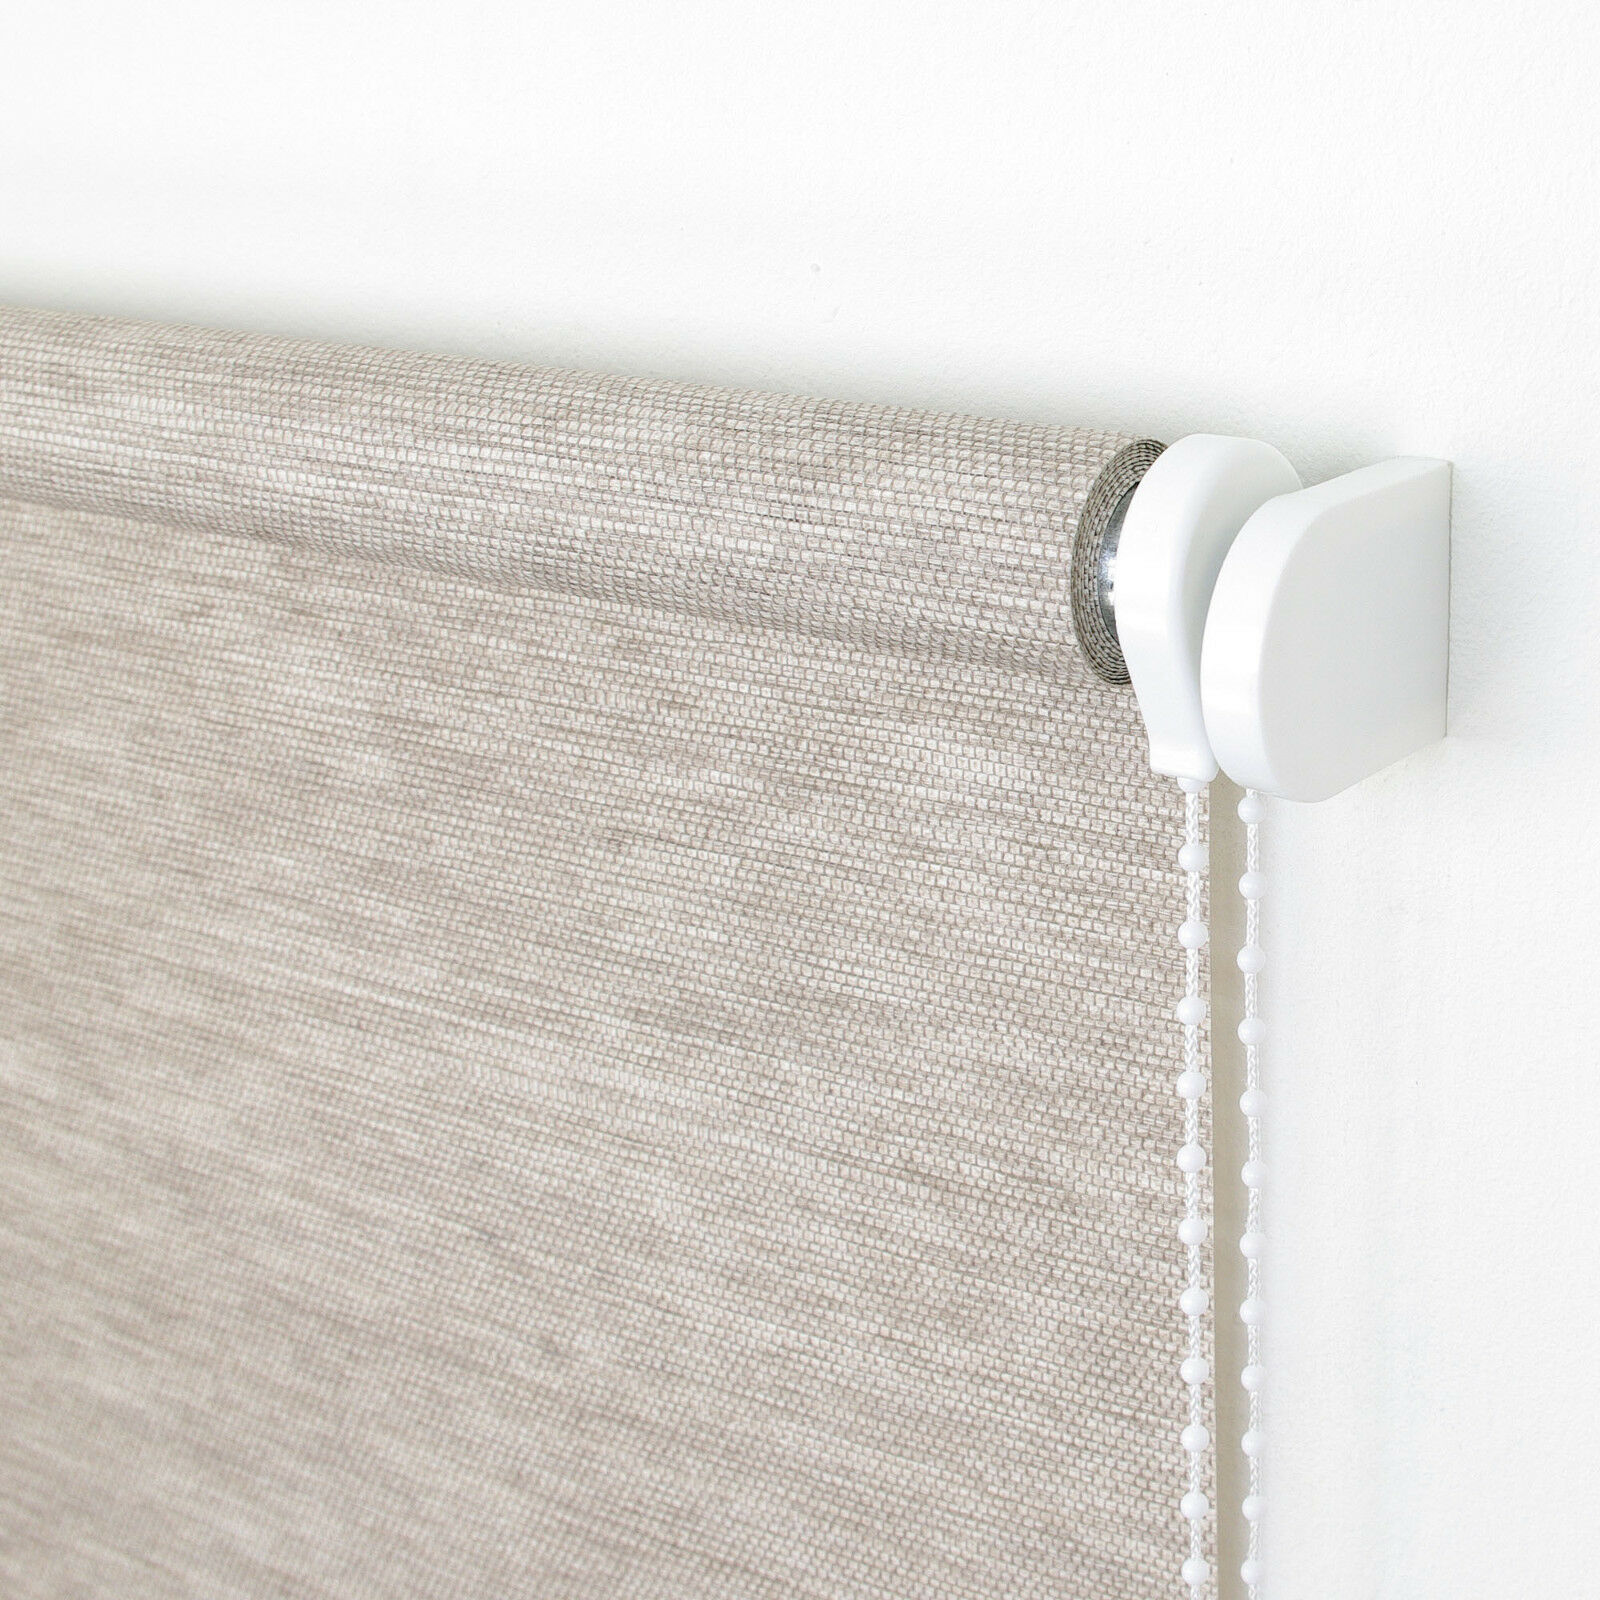 Kettenzugrollo Seitenzugrollo Tageslichtrollo  Fensterrollo Tür Rollo gemustert | Garantiere Qualität und Quantität